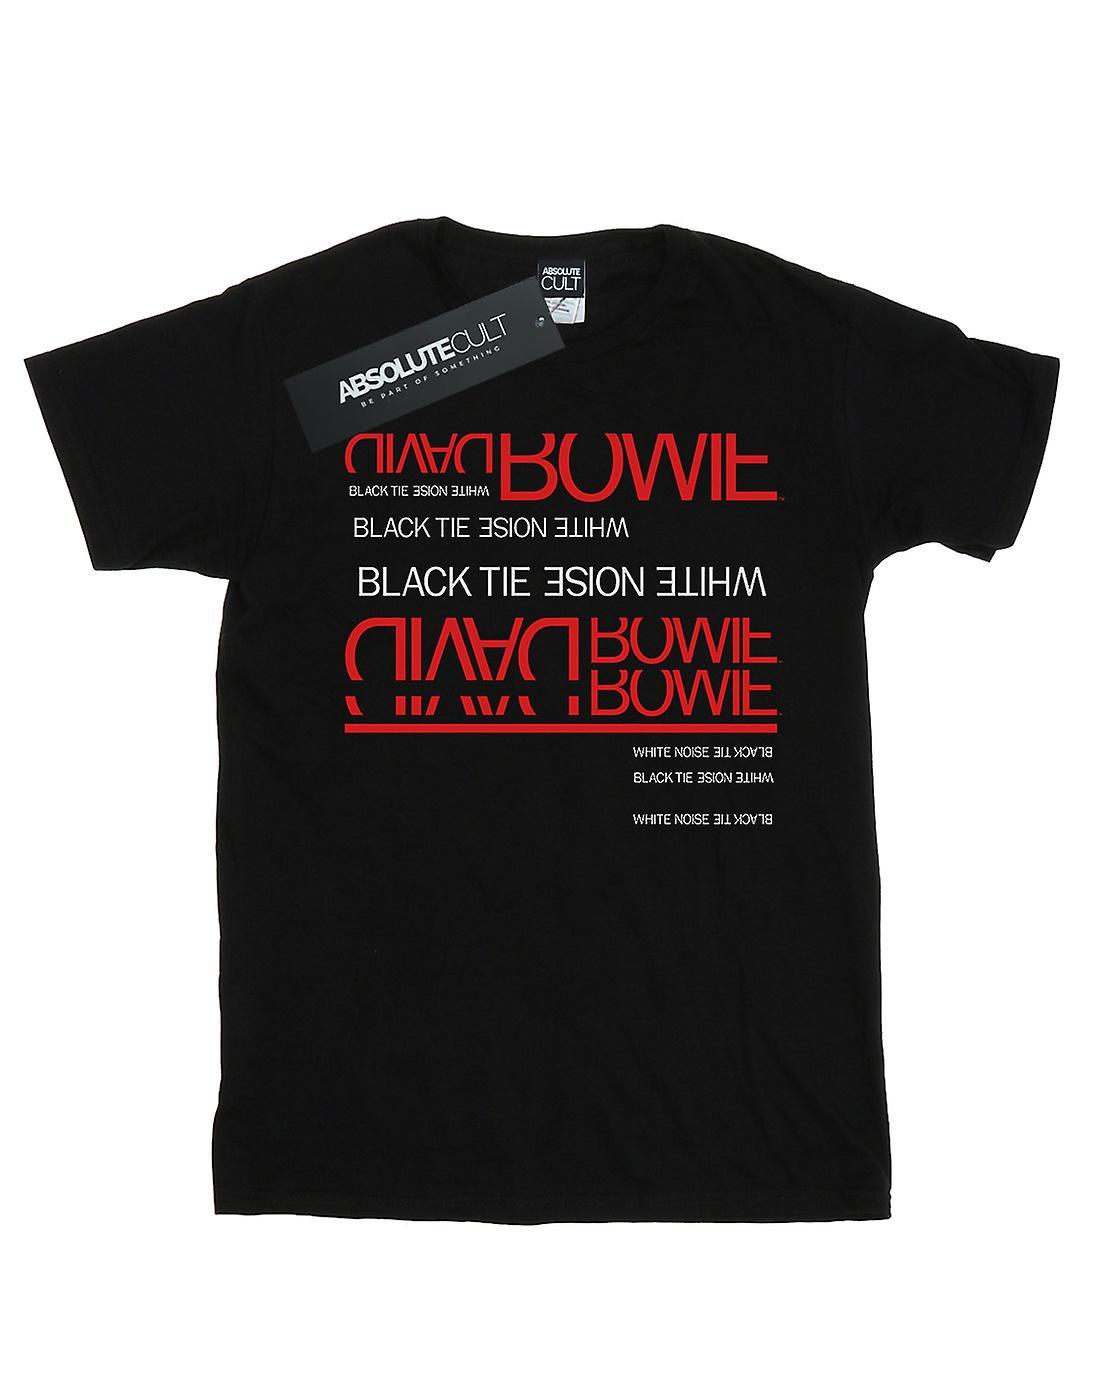 David Bowie Men's Black Tie White Noise T-Shirt